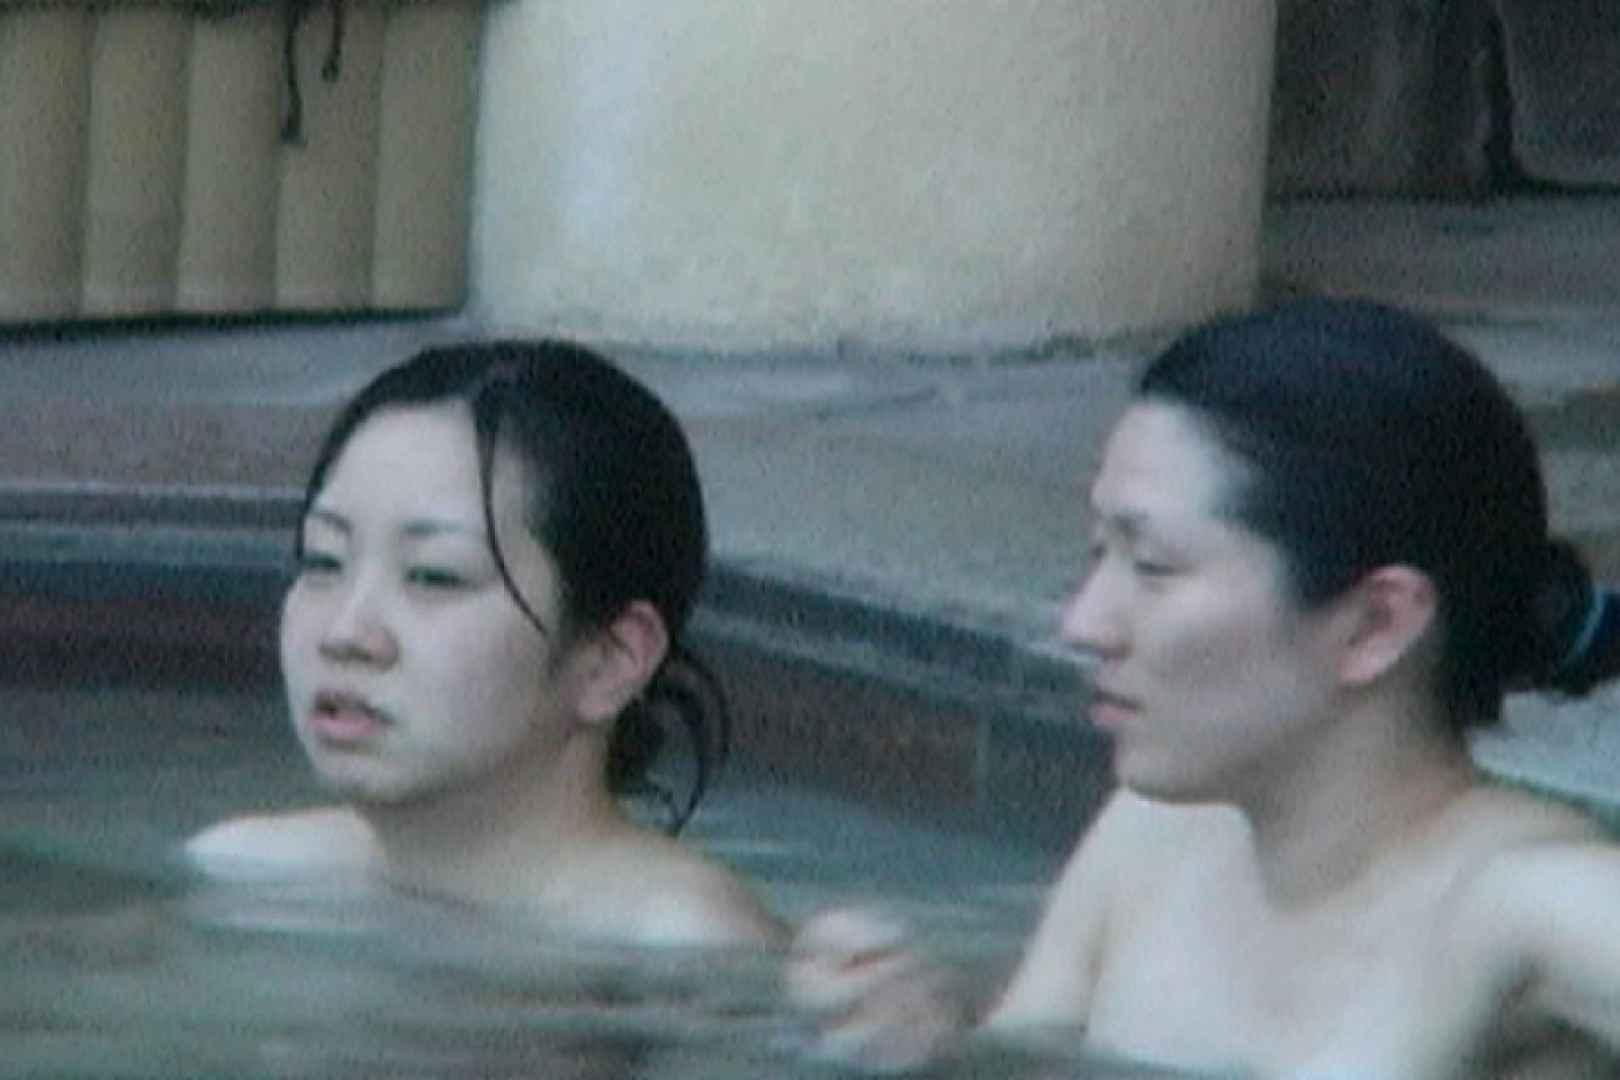 Aquaな露天風呂Vol.598 露天  79画像 27